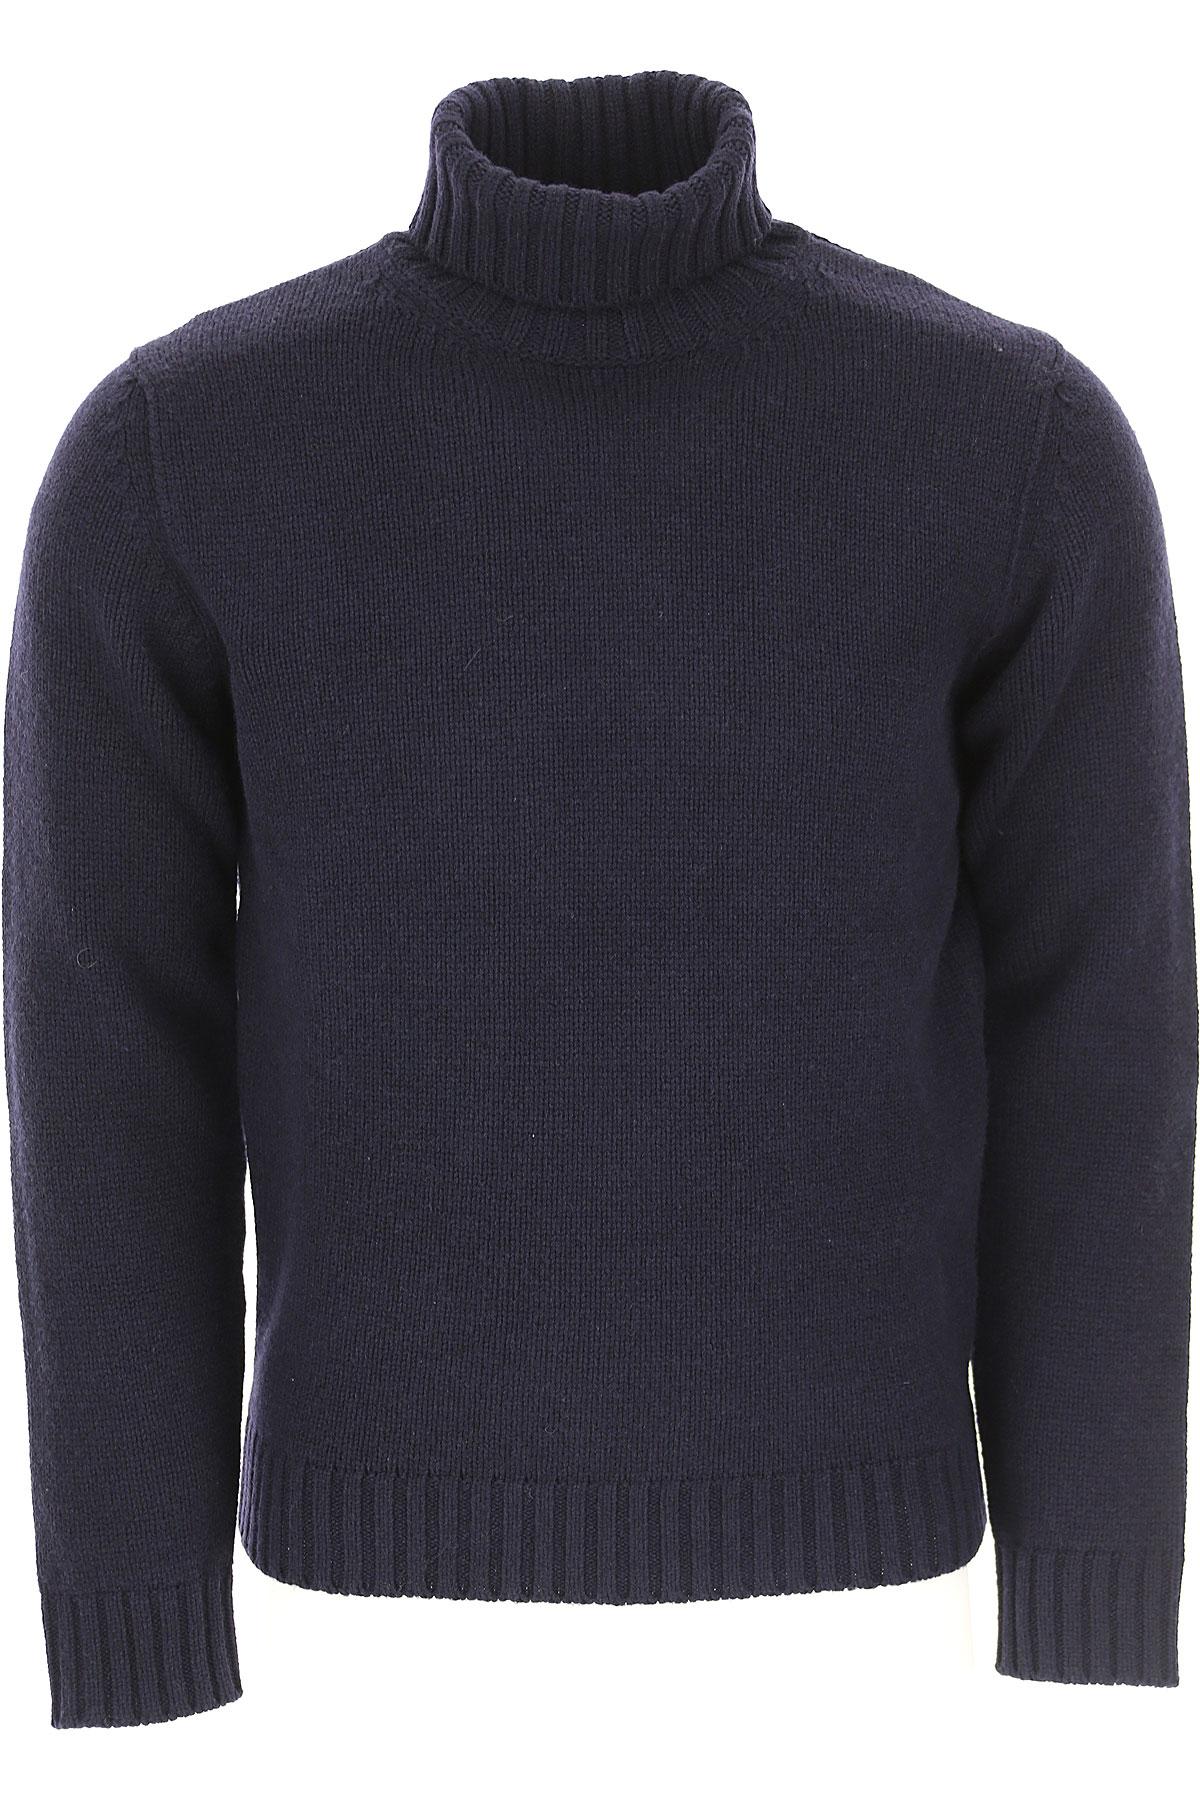 Image of Kangra Sweater for Men Jumper, Blue Navy, Extrafine Merino Wool, 2017, 2 - Uk/Usa M - Ita 48 3 - Uk/Usa L - Ita 50 4 - Uk/Usa XL - Ita 52 5 - Uk/Usa XXL - Ita 54